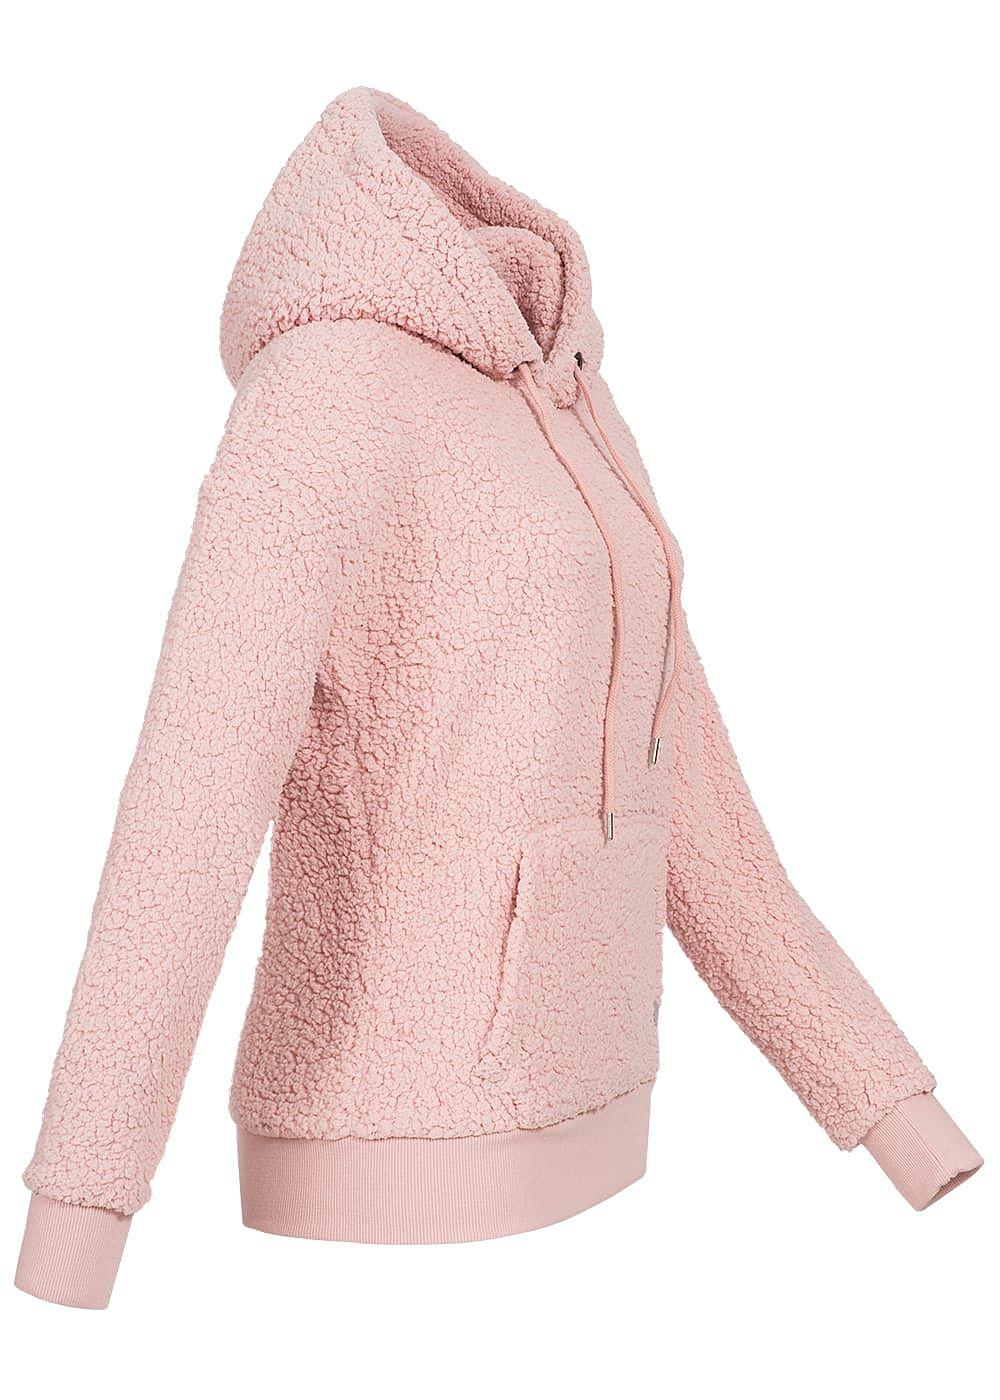 eight2nine damen fleece hoodie kapuze k ngurutasche kordelzug ballett. Black Bedroom Furniture Sets. Home Design Ideas